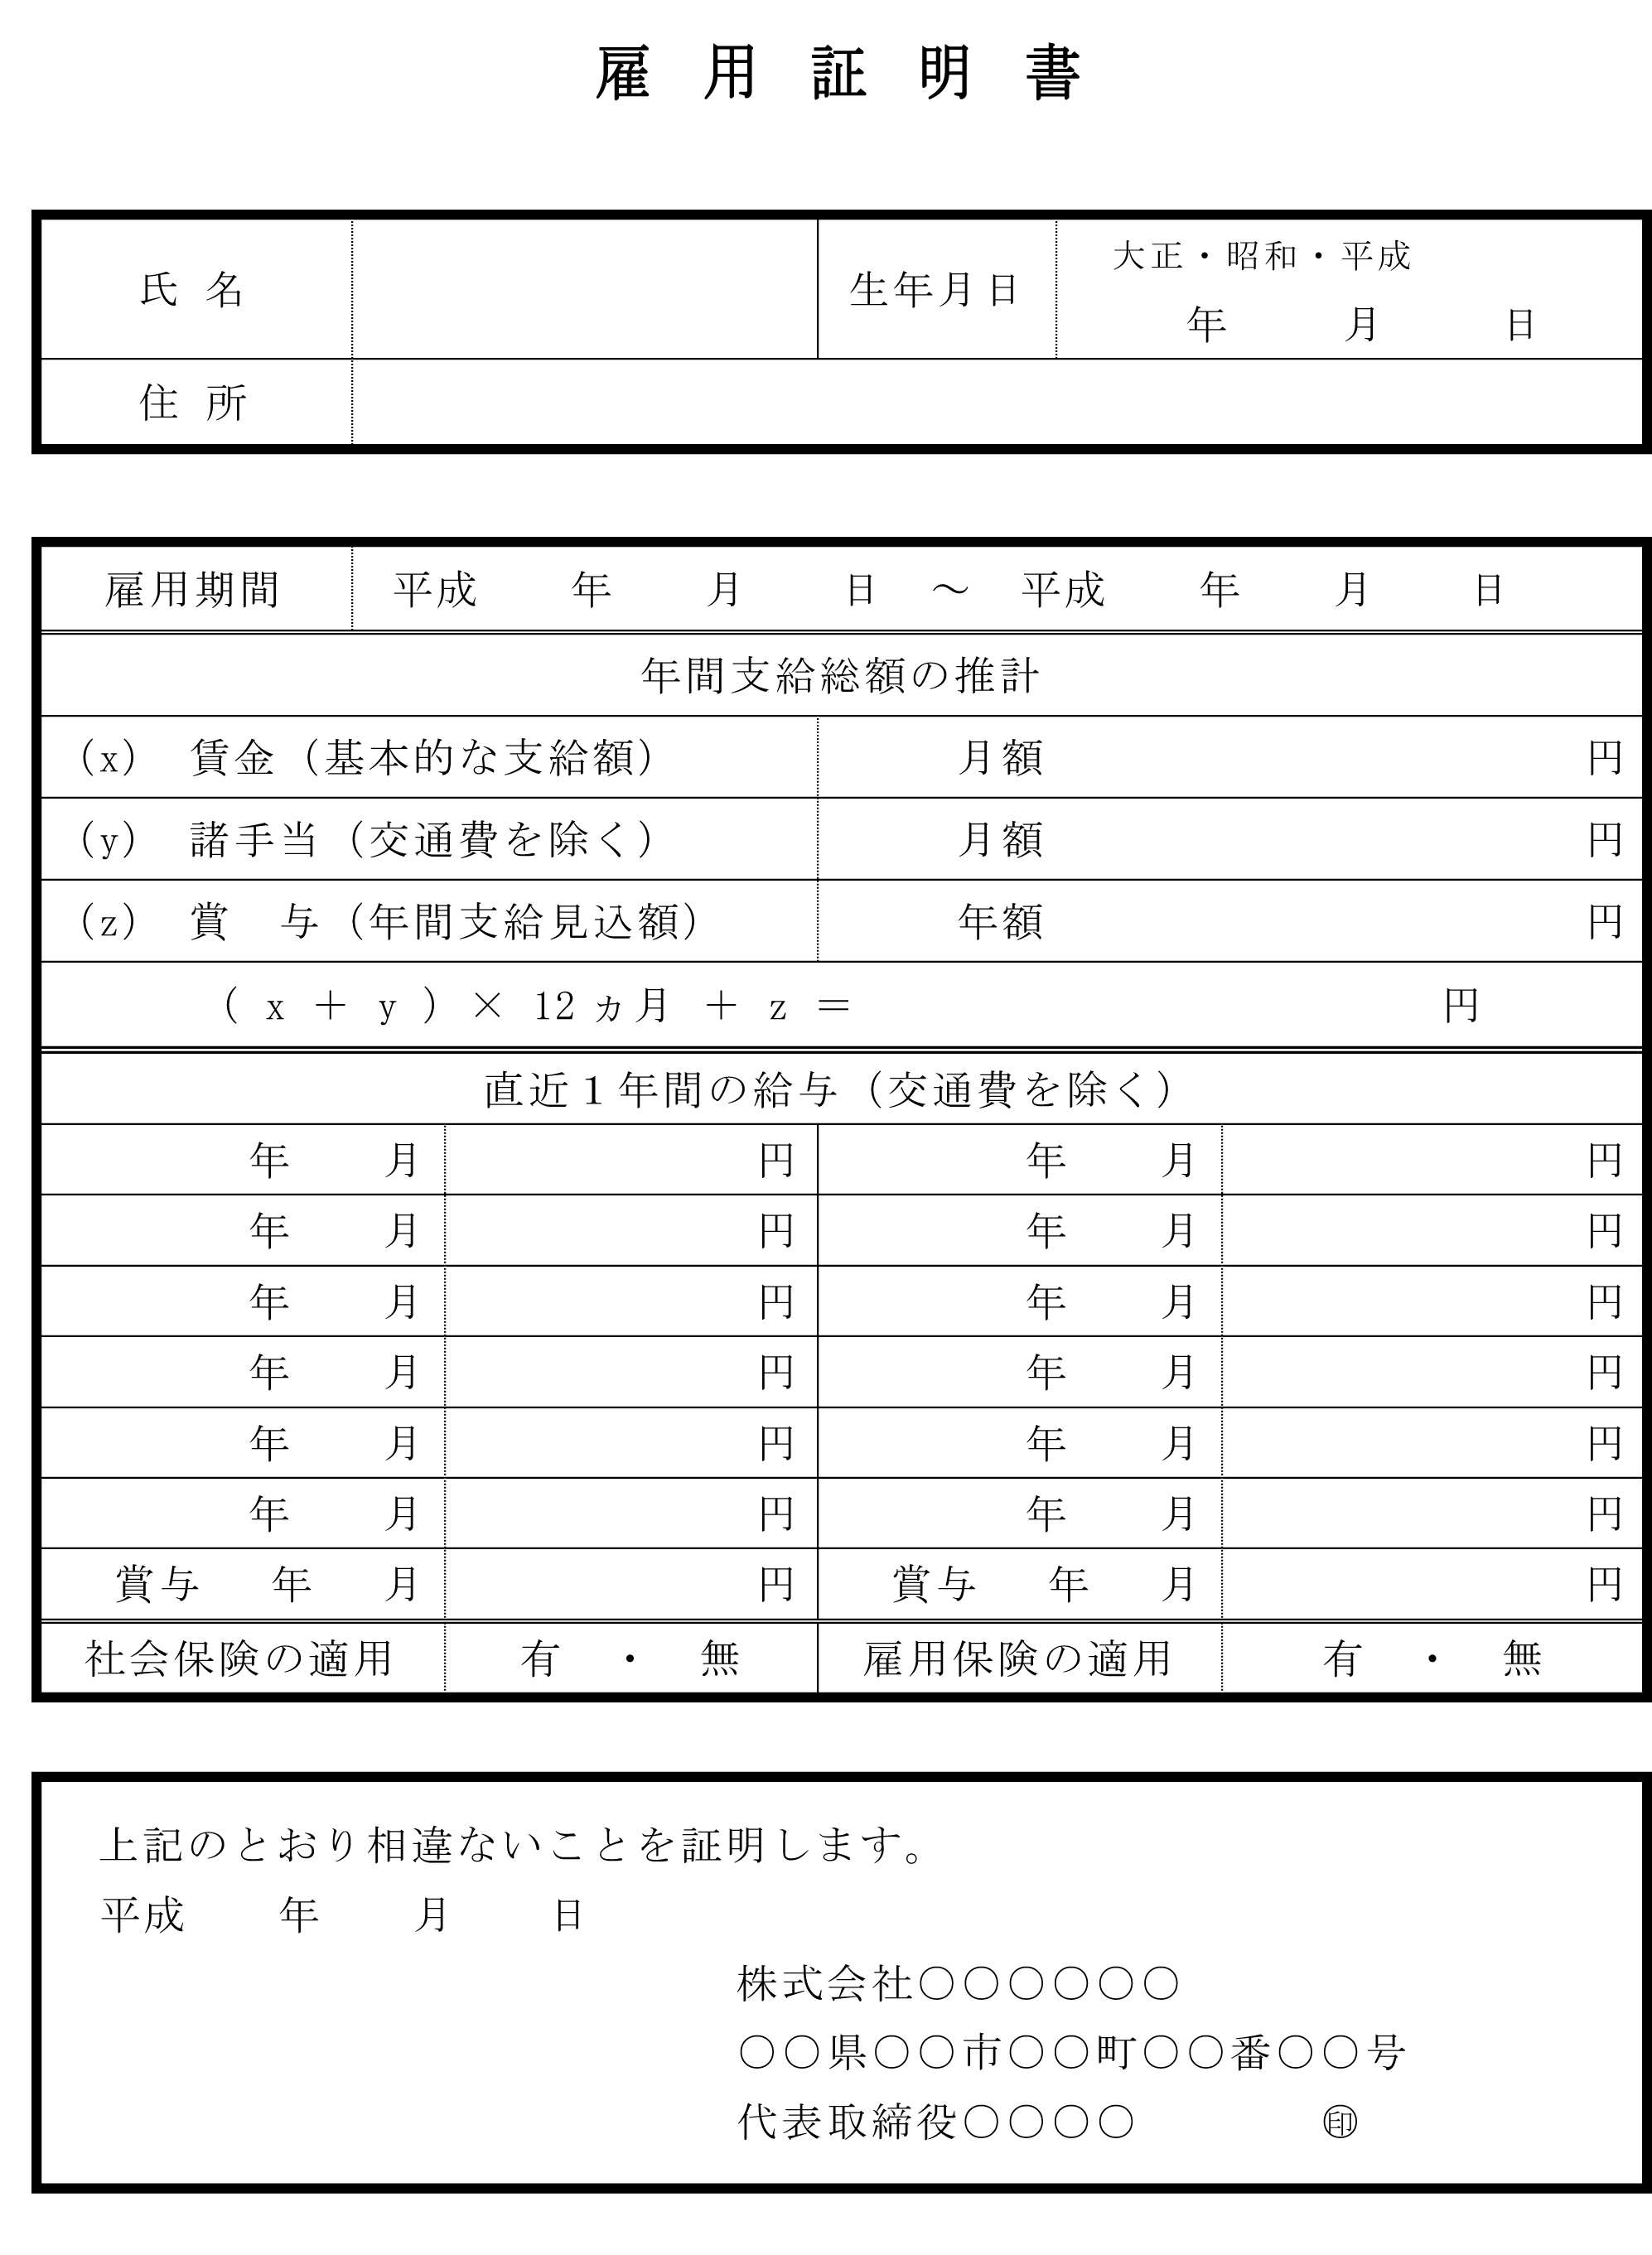 雇用証明書(健康保険の扶養資格...